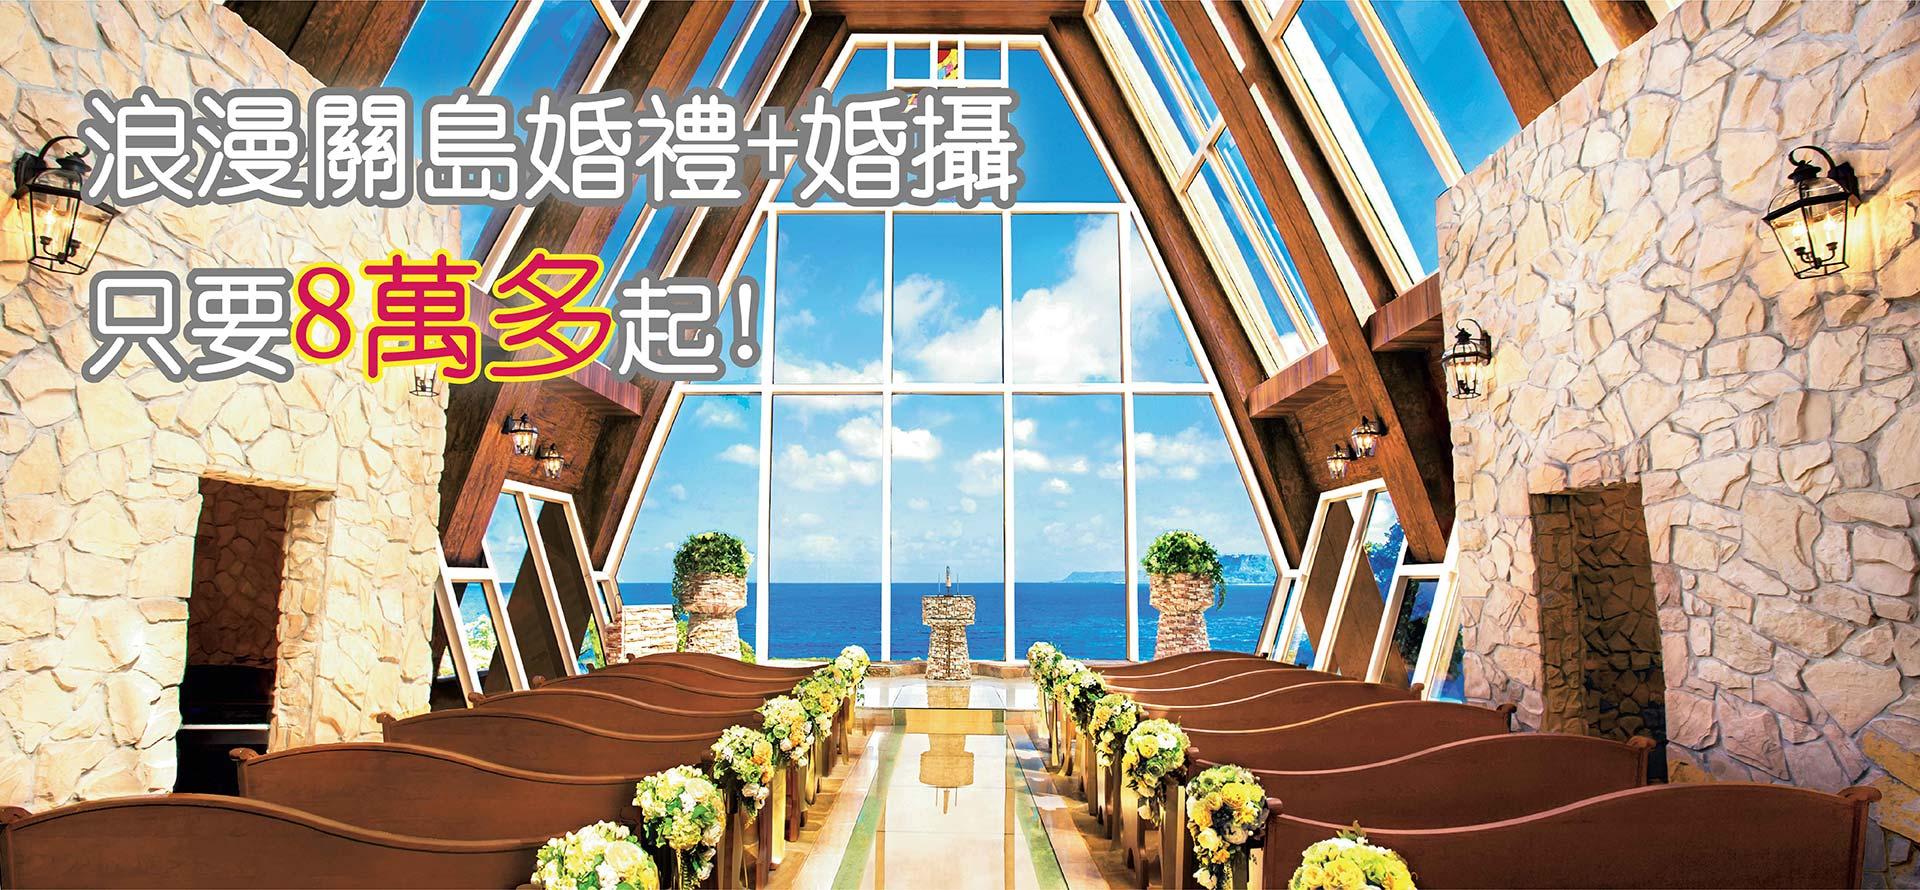 浪漫關島婚禮+婚攝只要8萬多起喲!